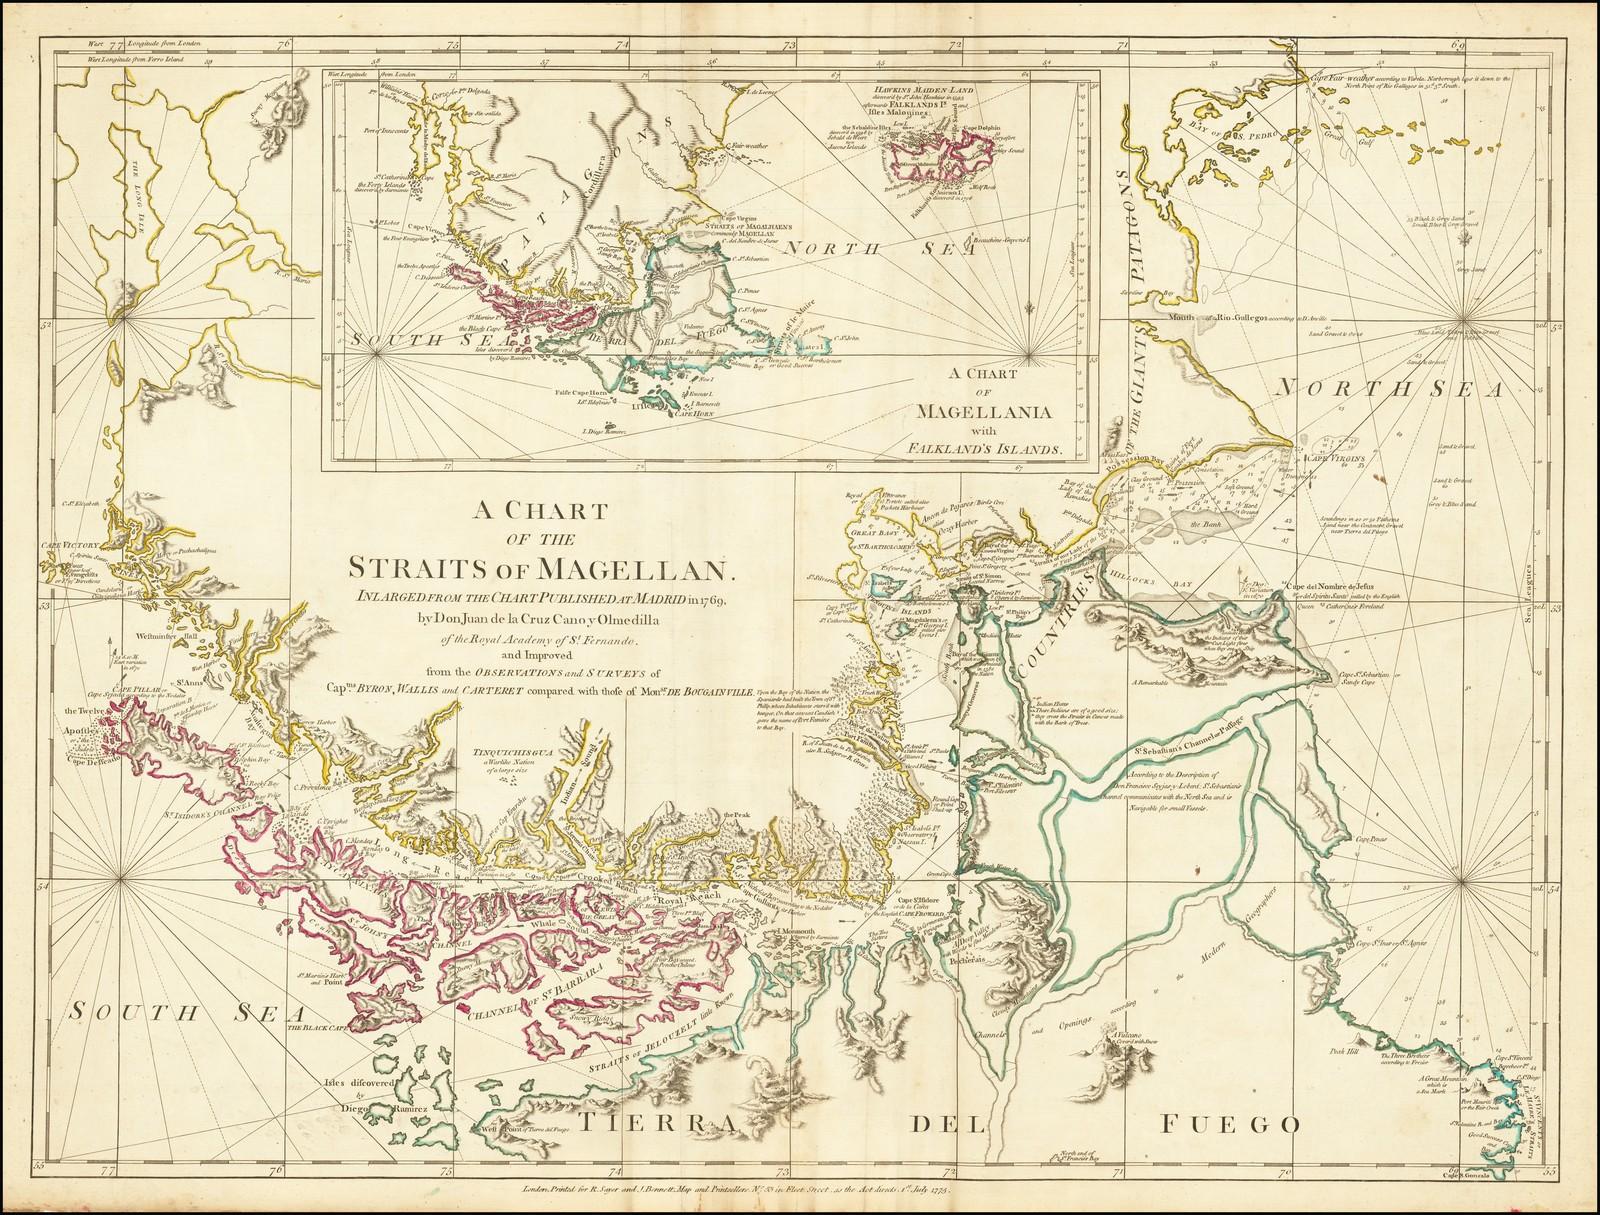 Карта Магелланова пролива, на основе данных опубликованных в Мадриде в 1769 году Доном Хуаном де ла Крус Кано-и-Ольмедилья